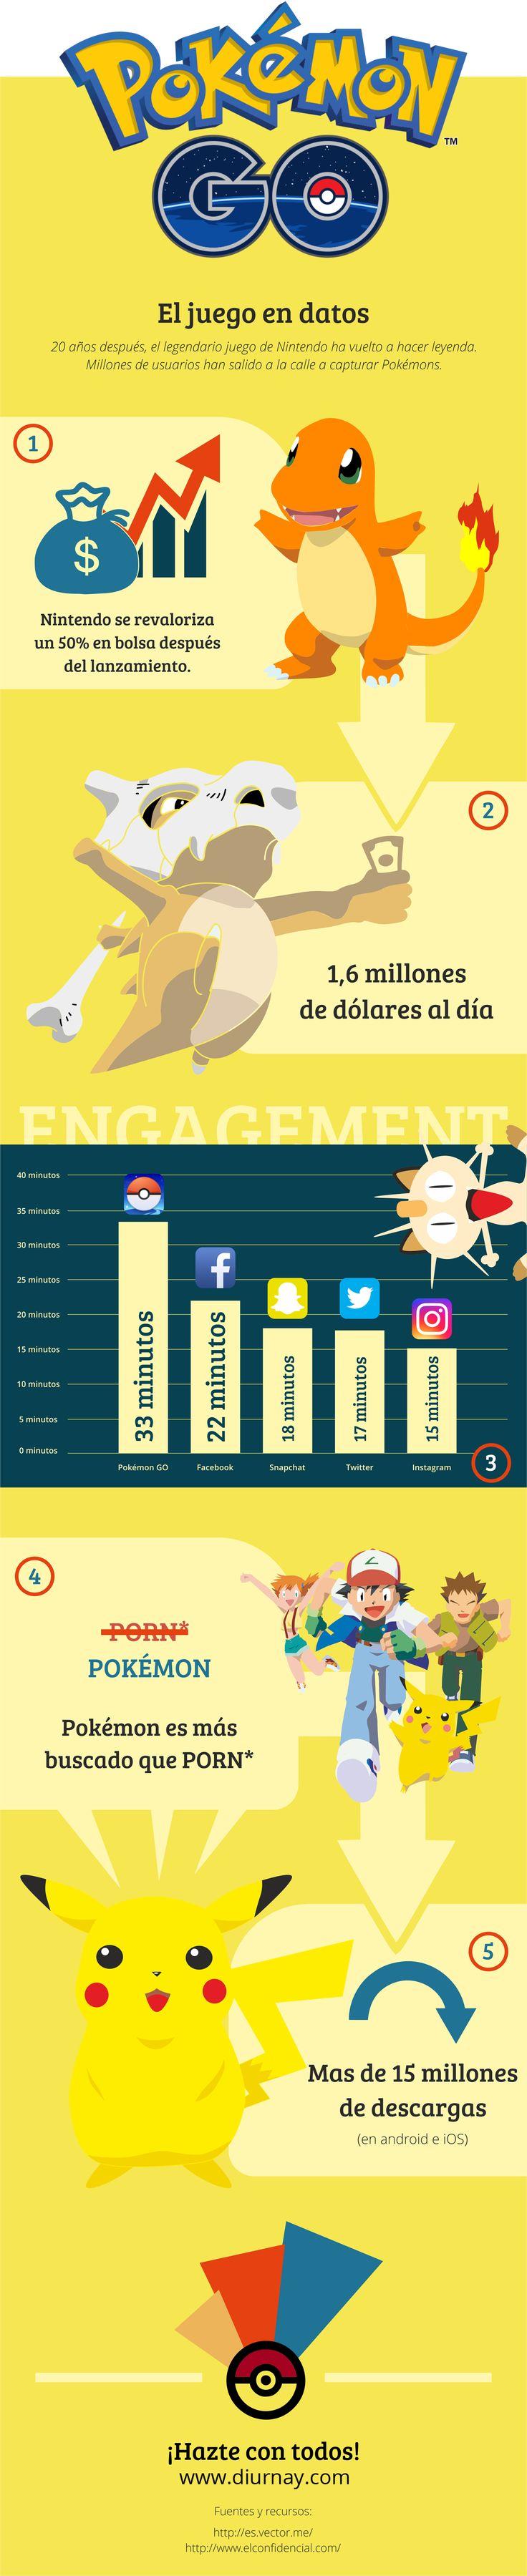 Pokemon Go: algunos datos #infografia